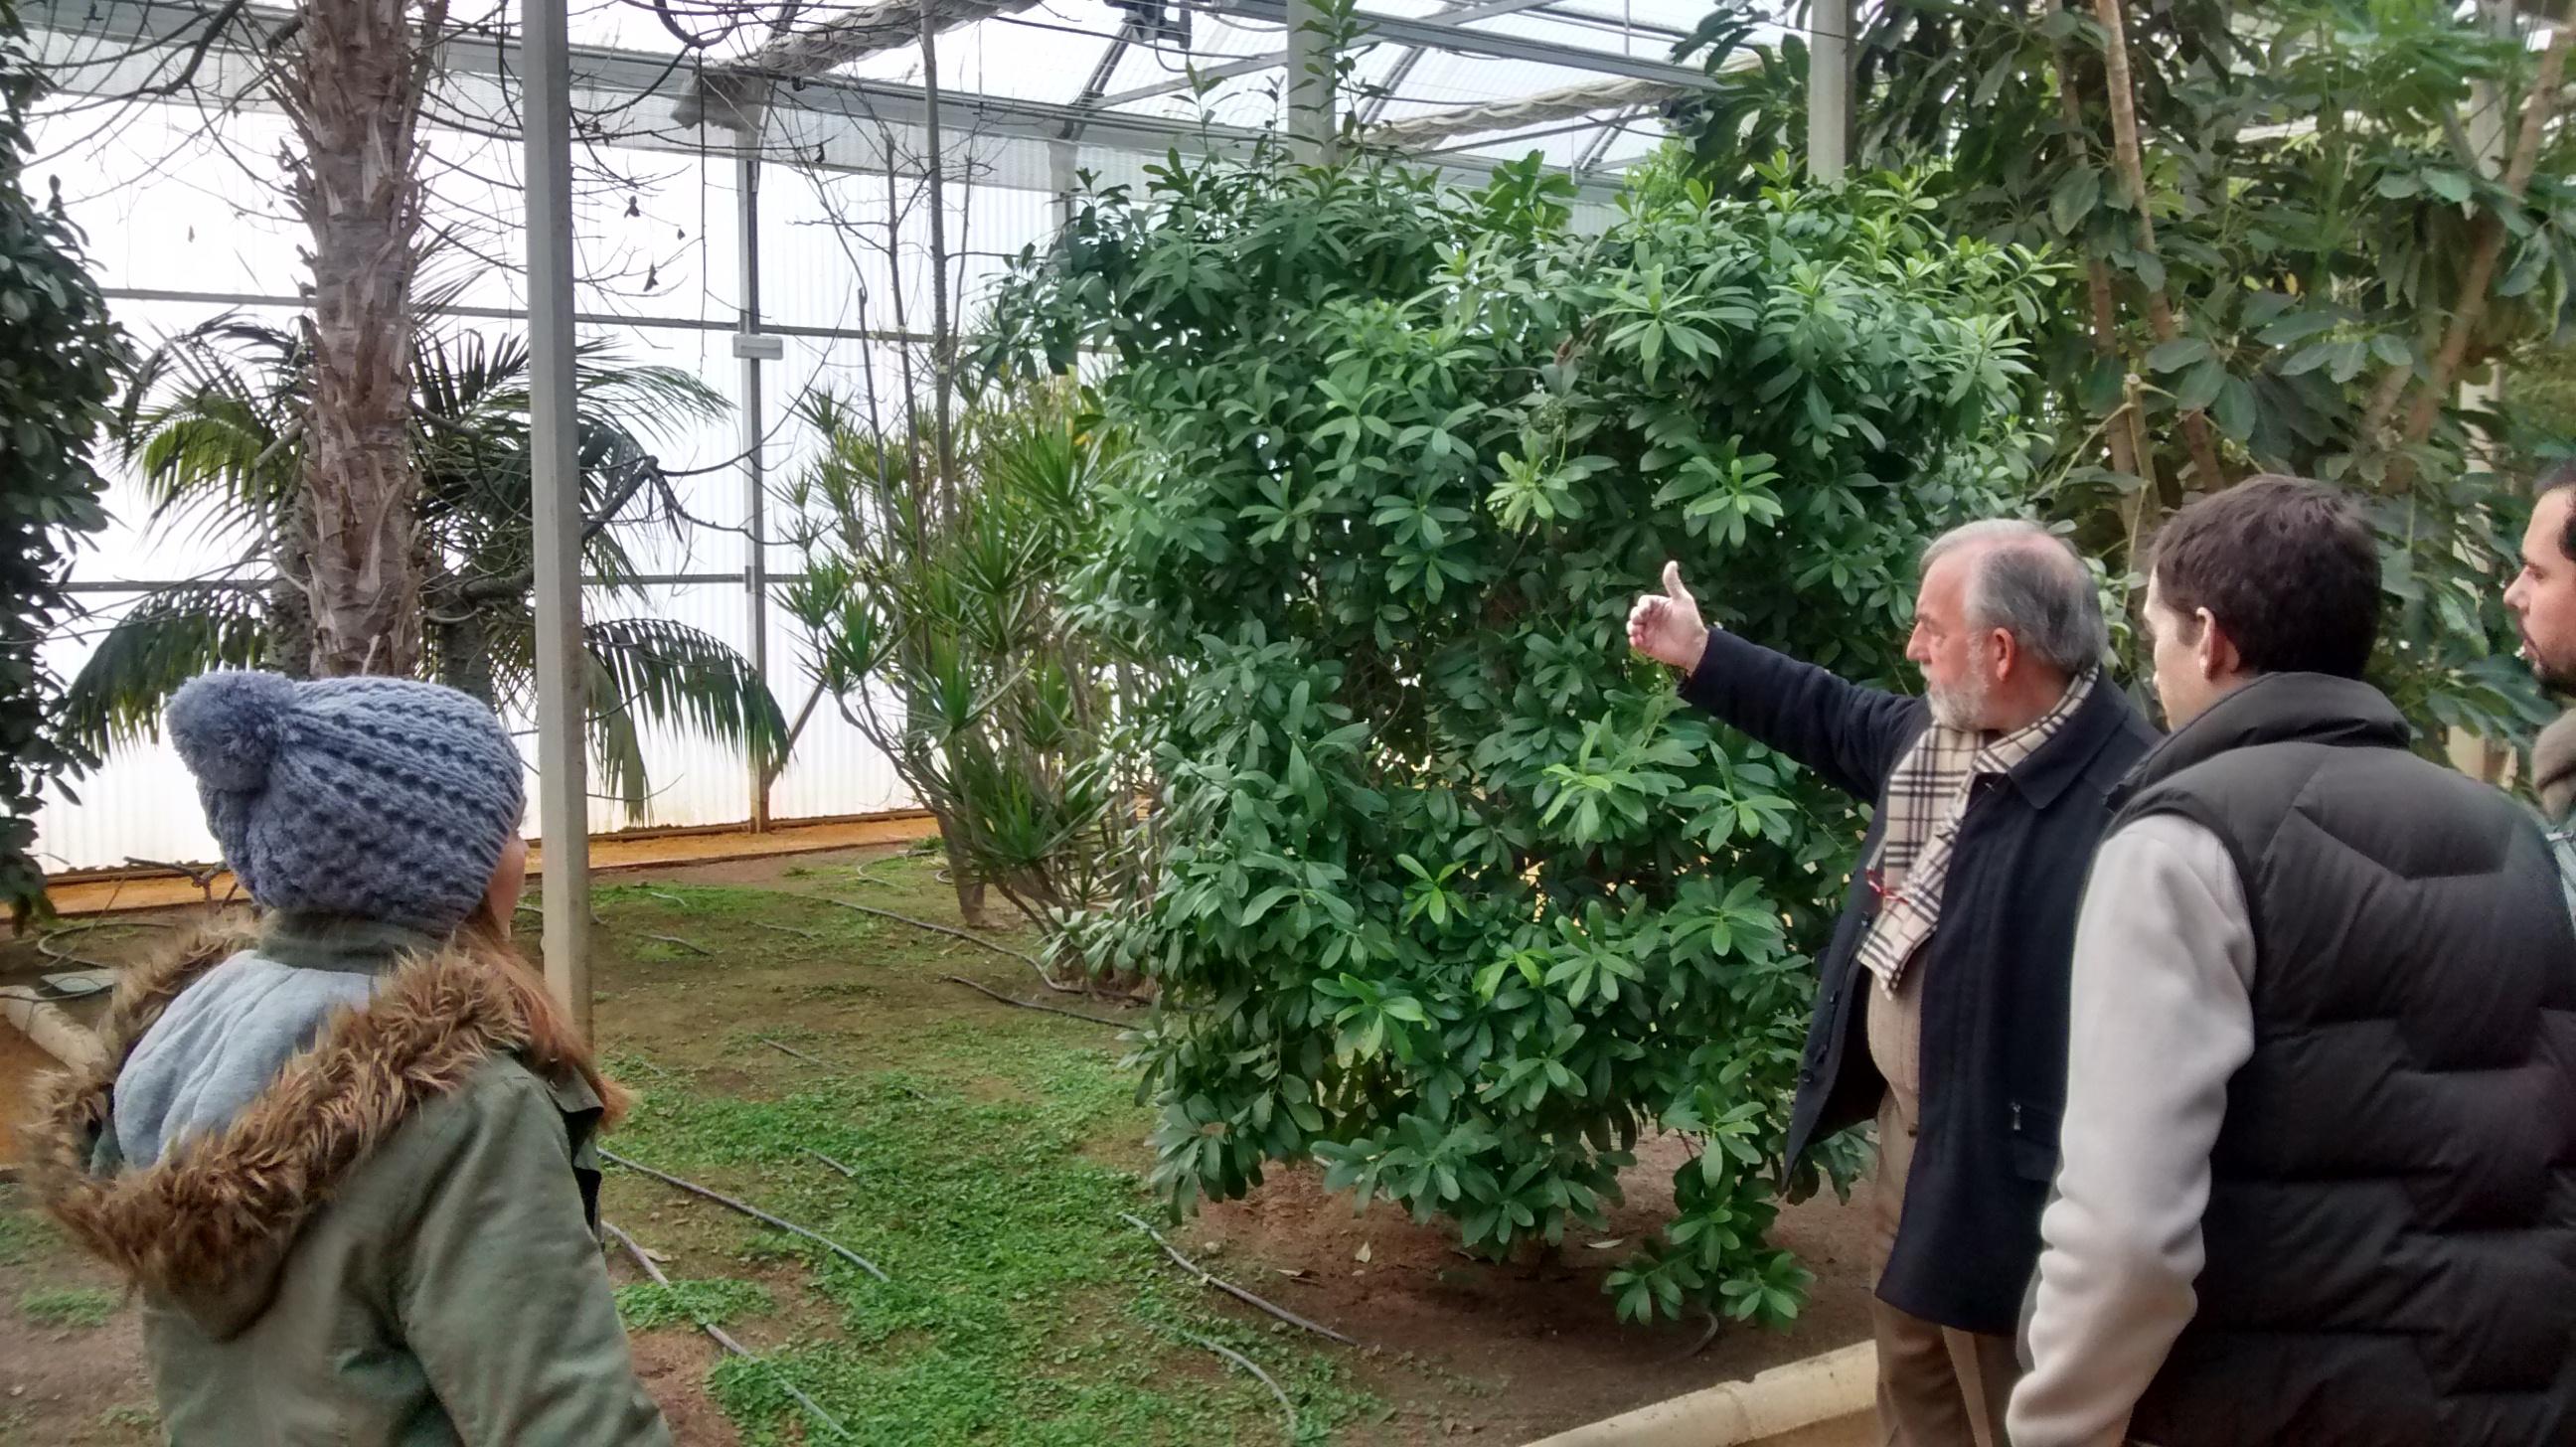 Visita al antiguo vivero de expo 39 92 y parque del alamillo for Vivero el botanico